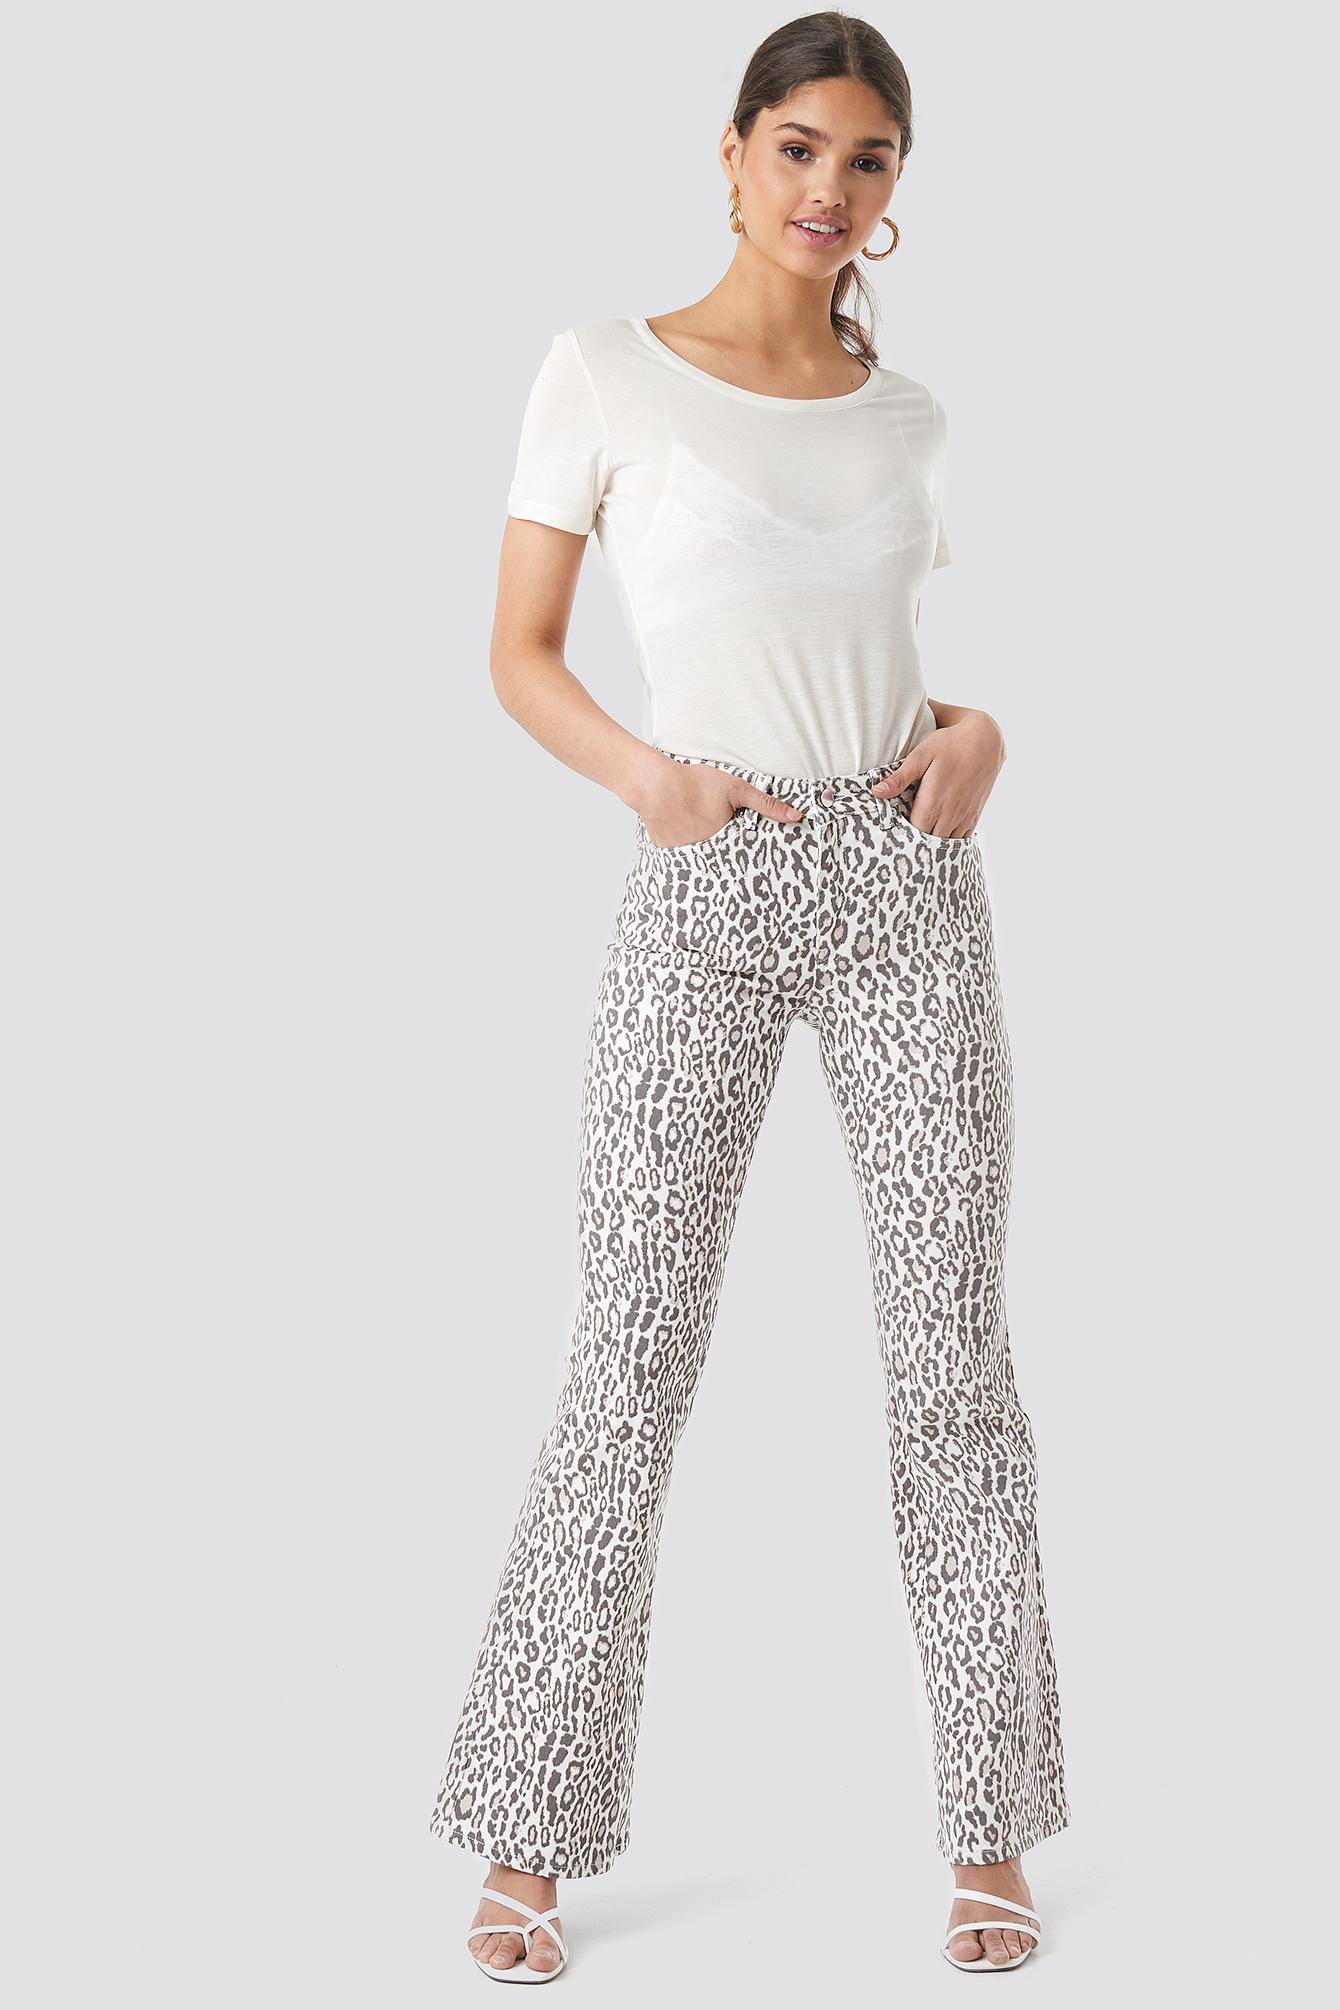 kae sutherland x na-kd -  Leopard Flared Denim - White